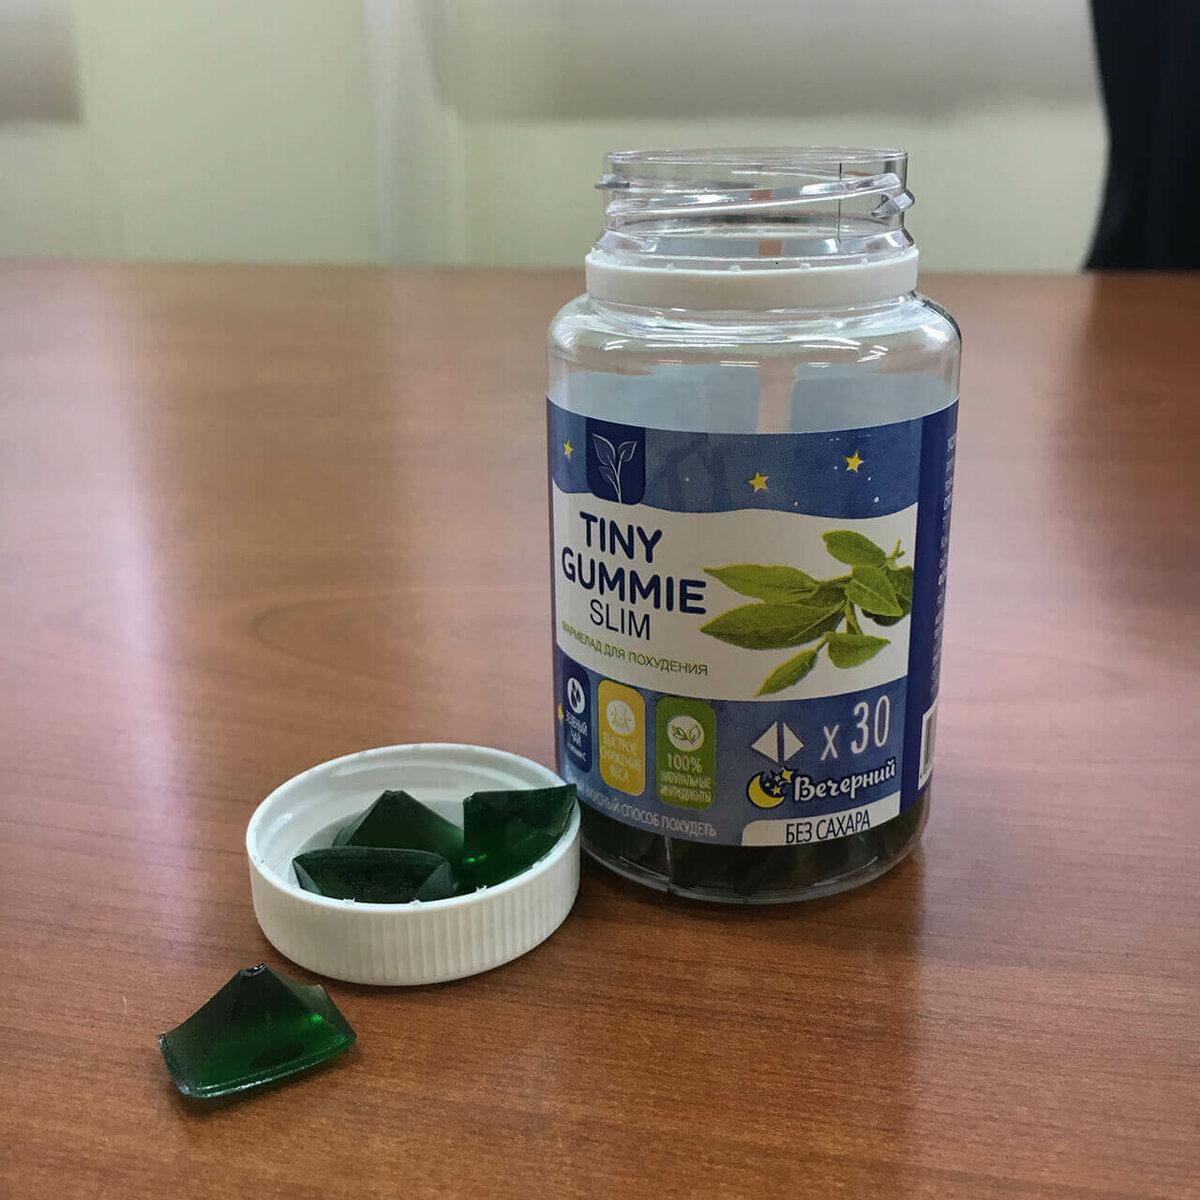 Мармелад для похудения Tiny Gummy Slim в Уфе